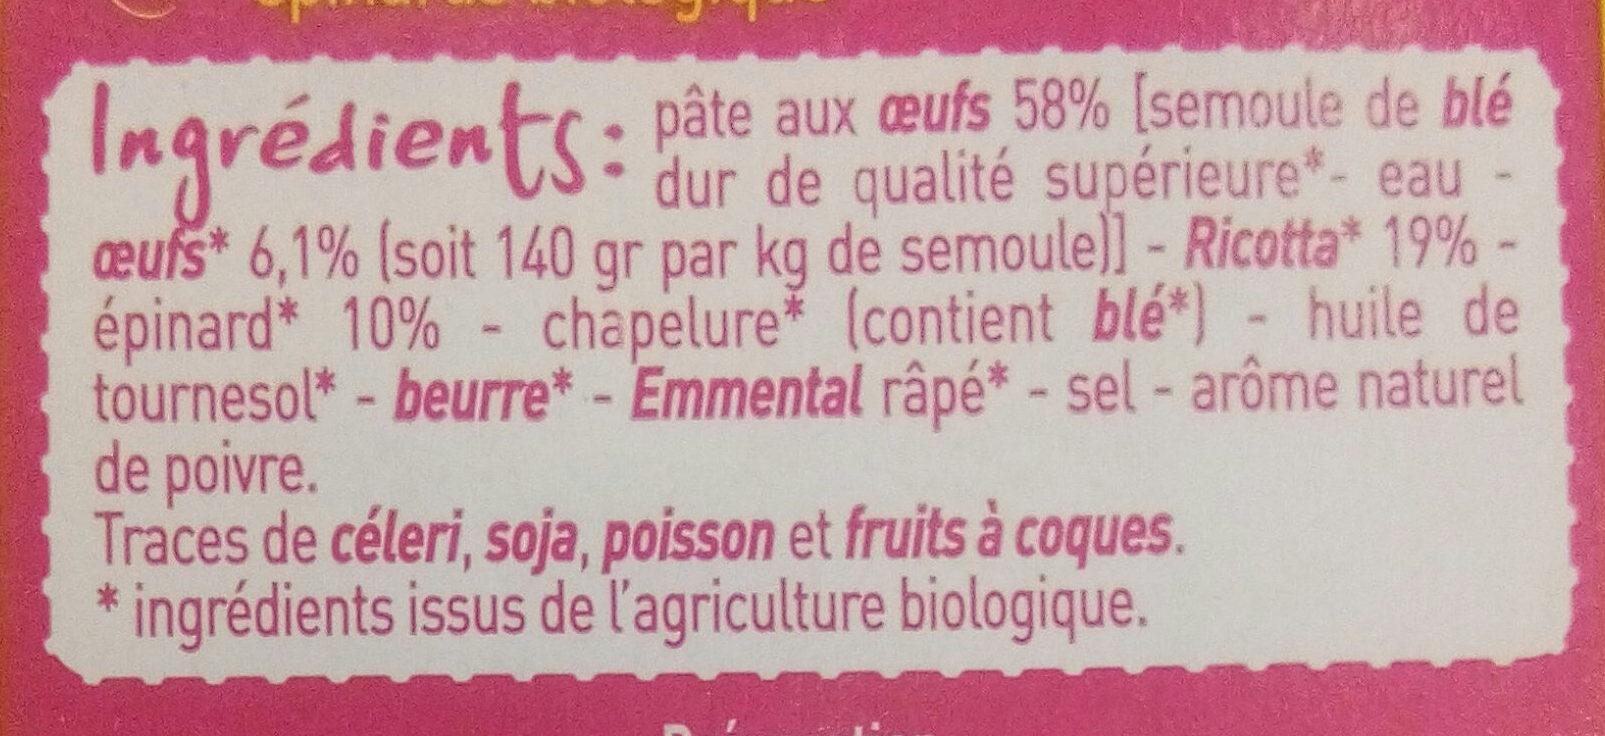 Raviolis ricotta épinards aux œufs Bio - Ingrediënten - fr